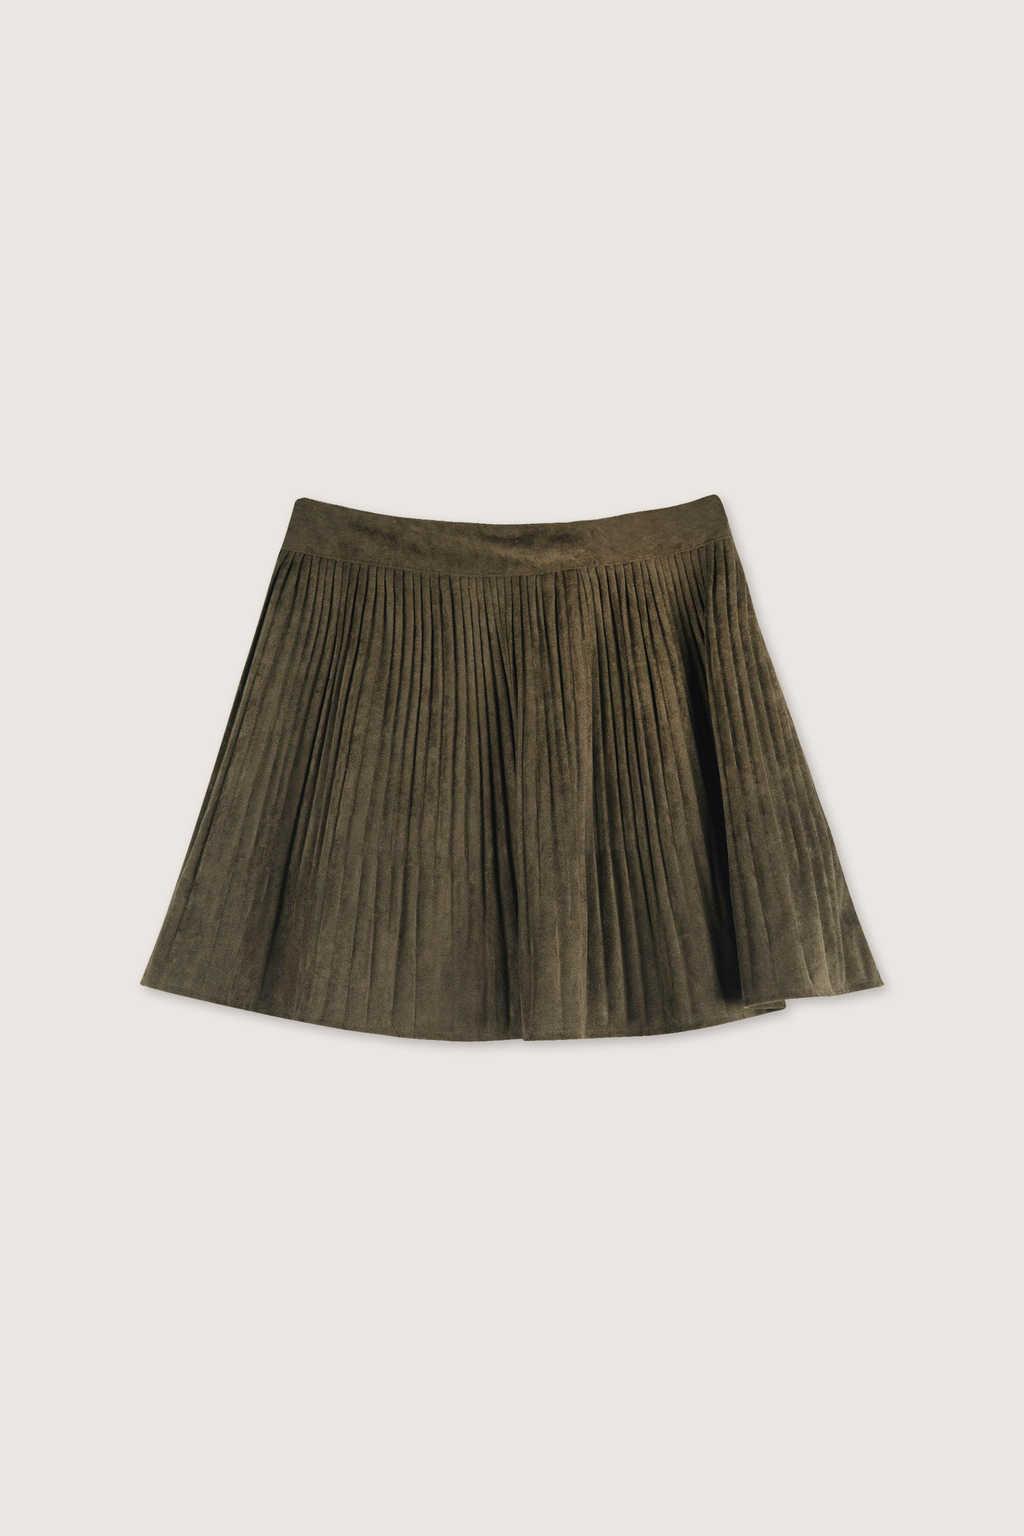 Skirt H153 Olive 5